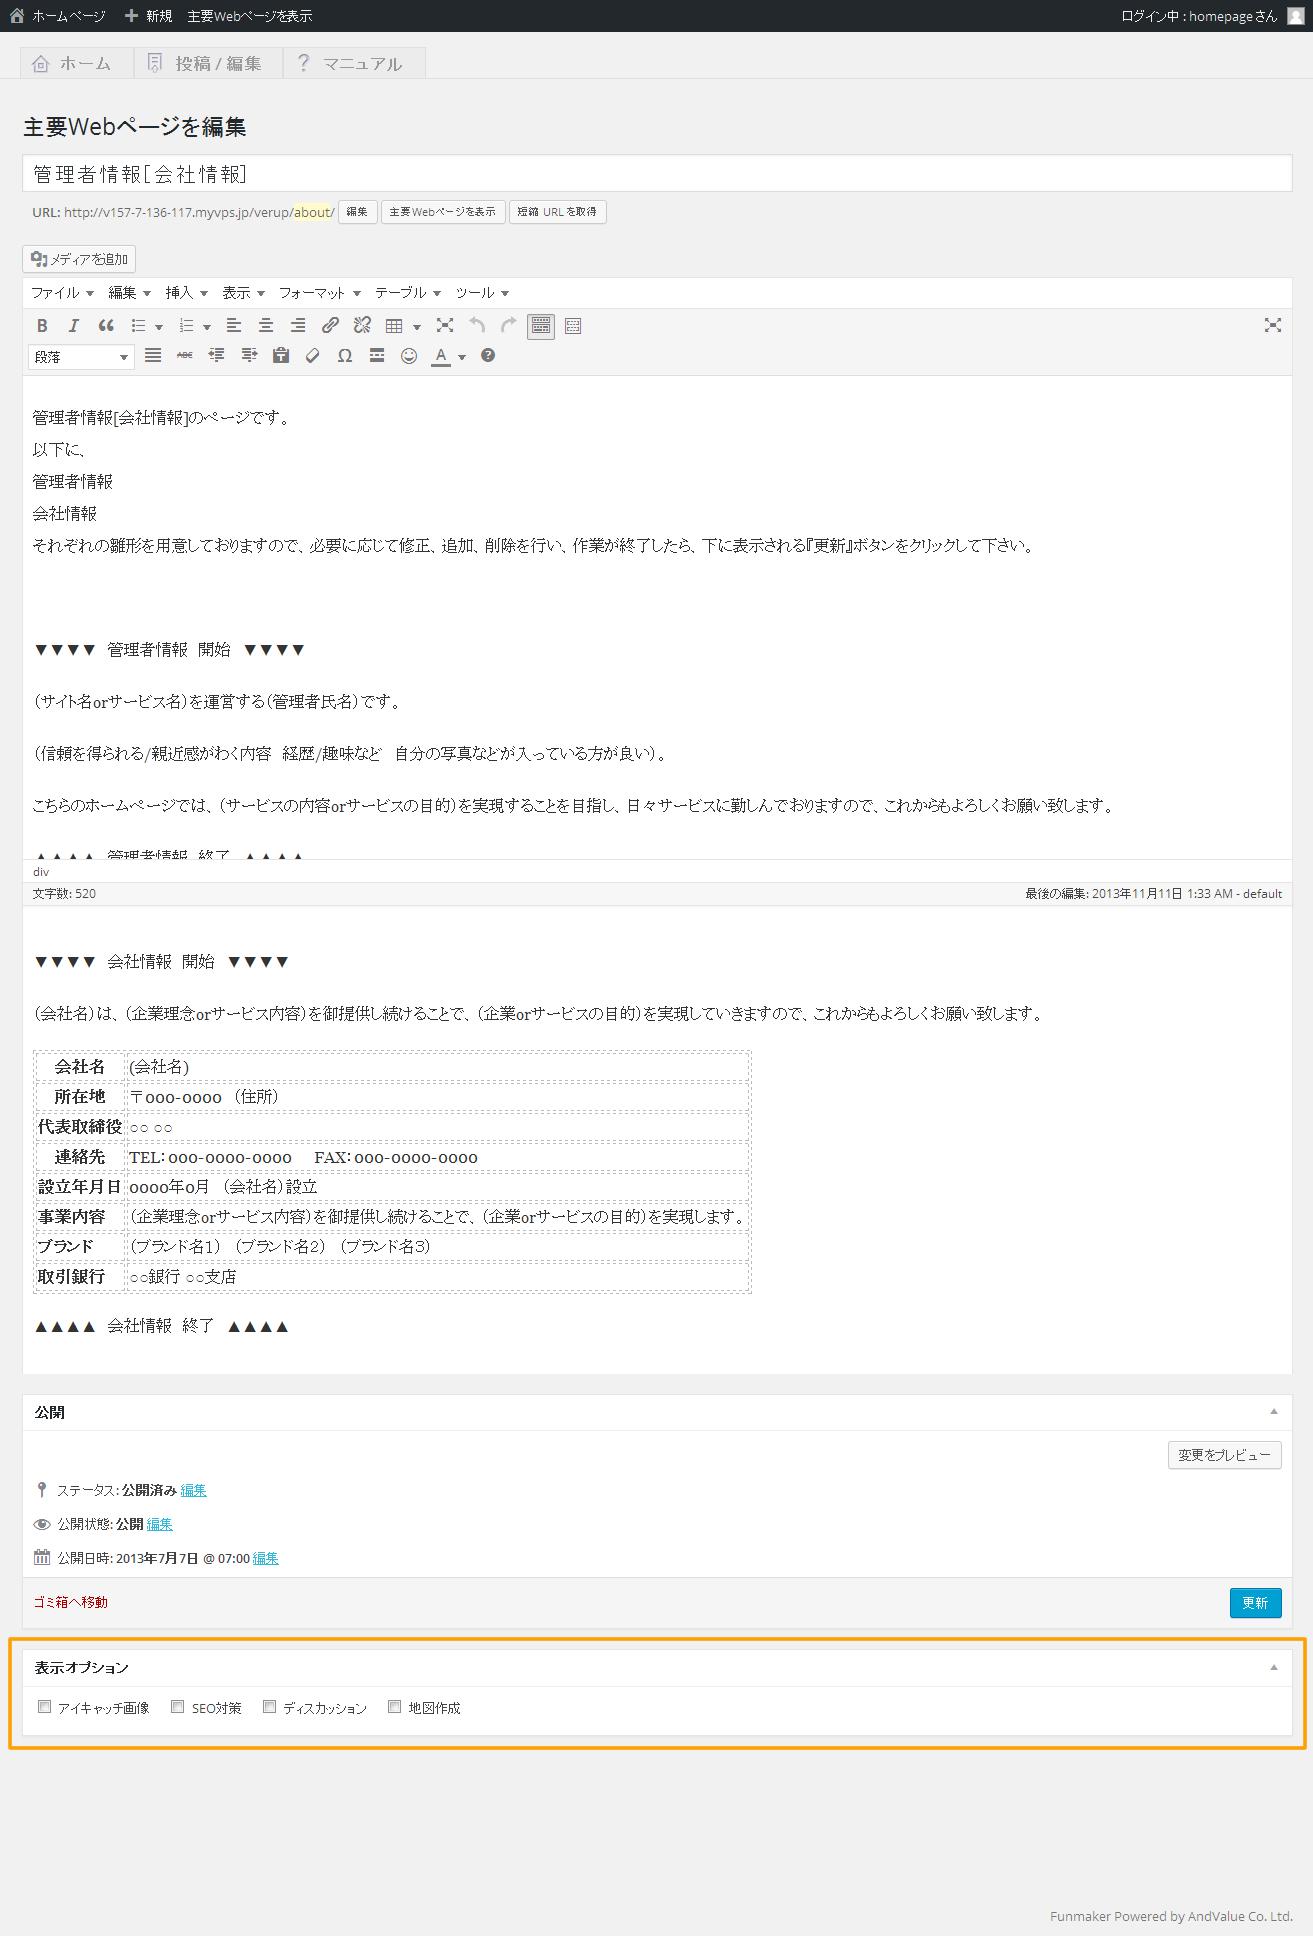 記事編集画面 表示オプション   初期費用無料ホームページ作成サイト - FunMaker